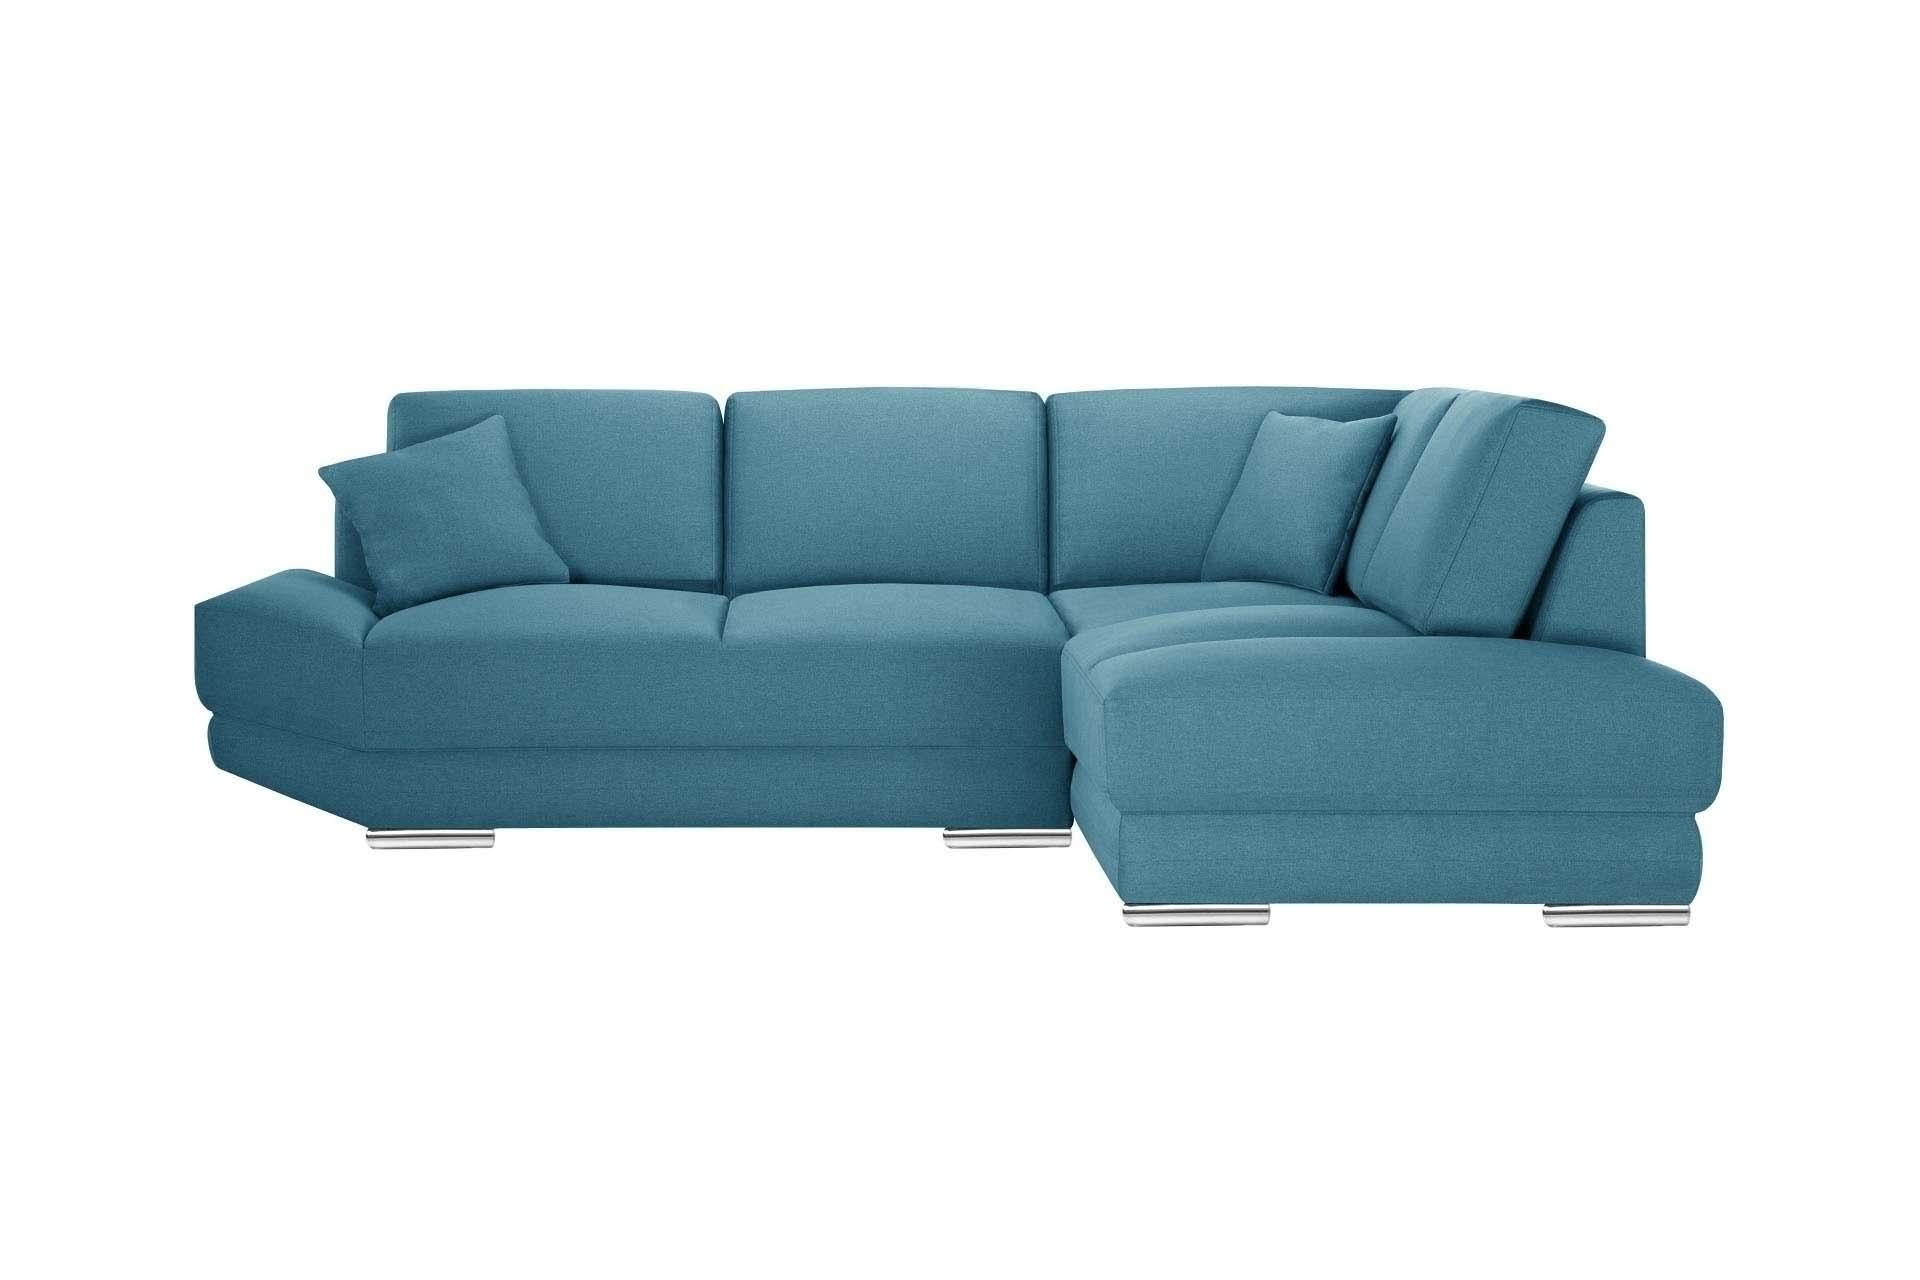 Canapé d'angle 5 places Bleu Tissu